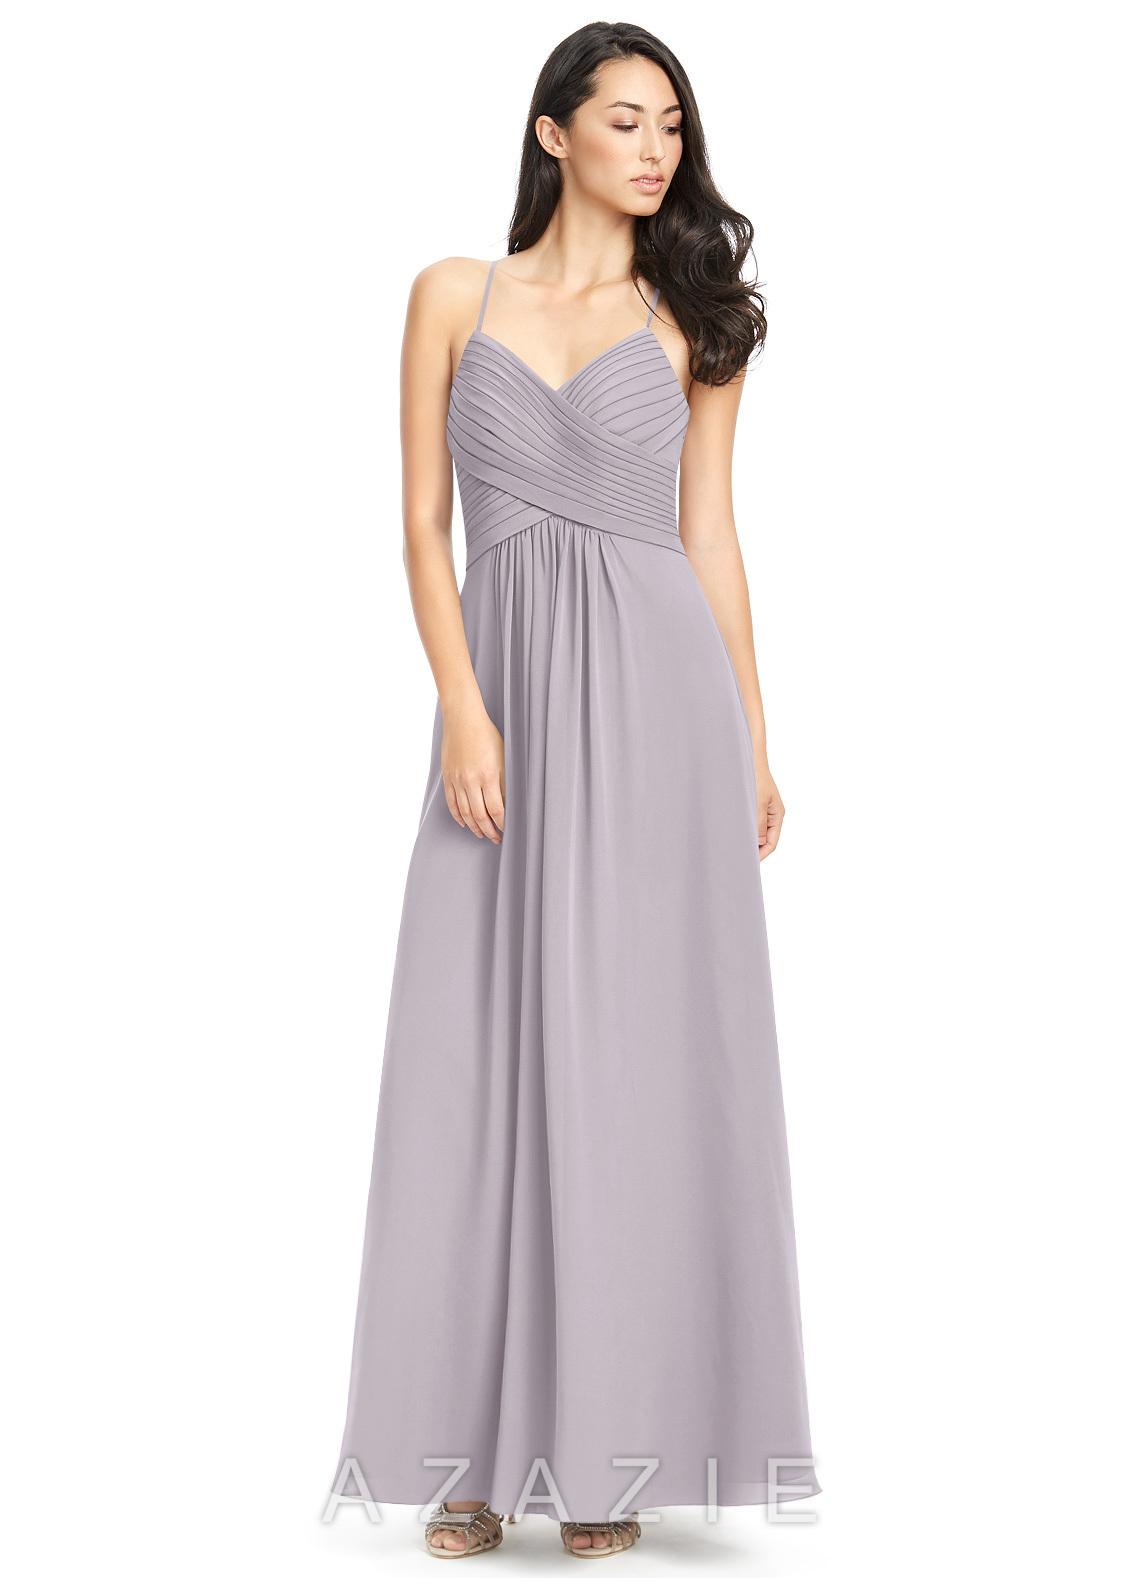 e4ed38279db Azazie Haleigh Bridesmaid Dress - Dusk